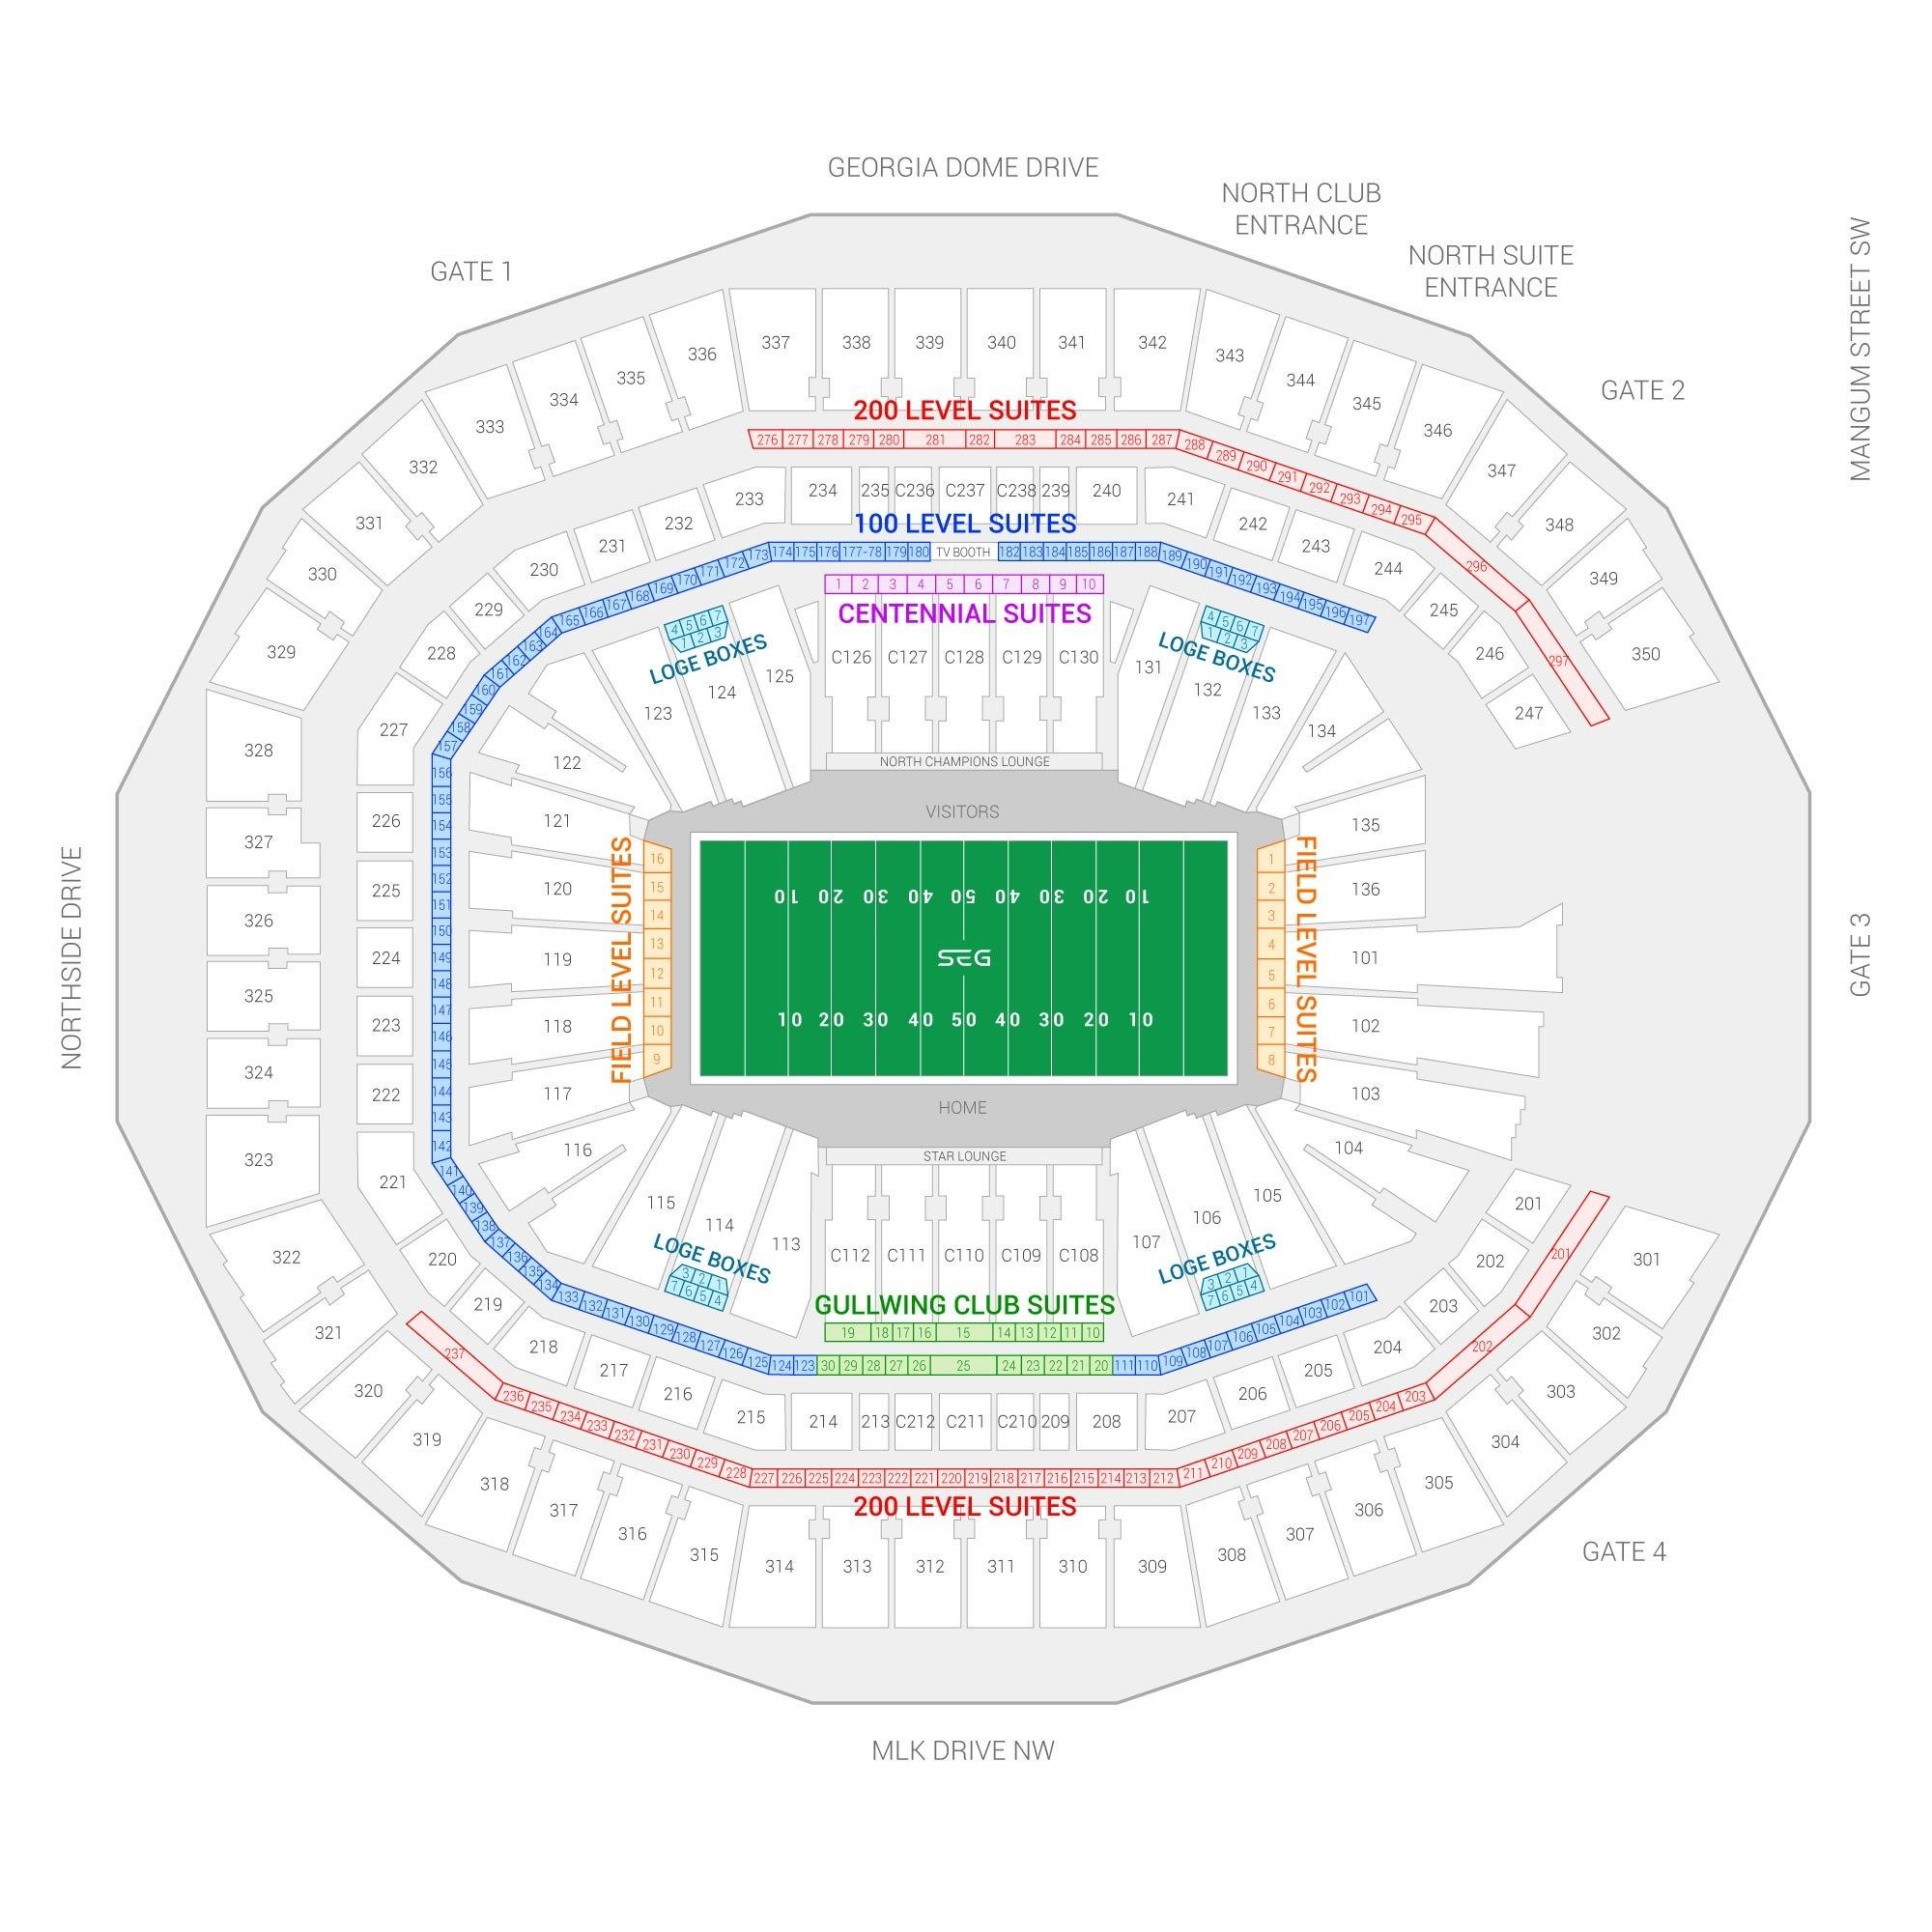 Super Bowl Liii Suite Rentals | Mercedes-Benz Stadium for Atlanta Super Bowl Stadium Map